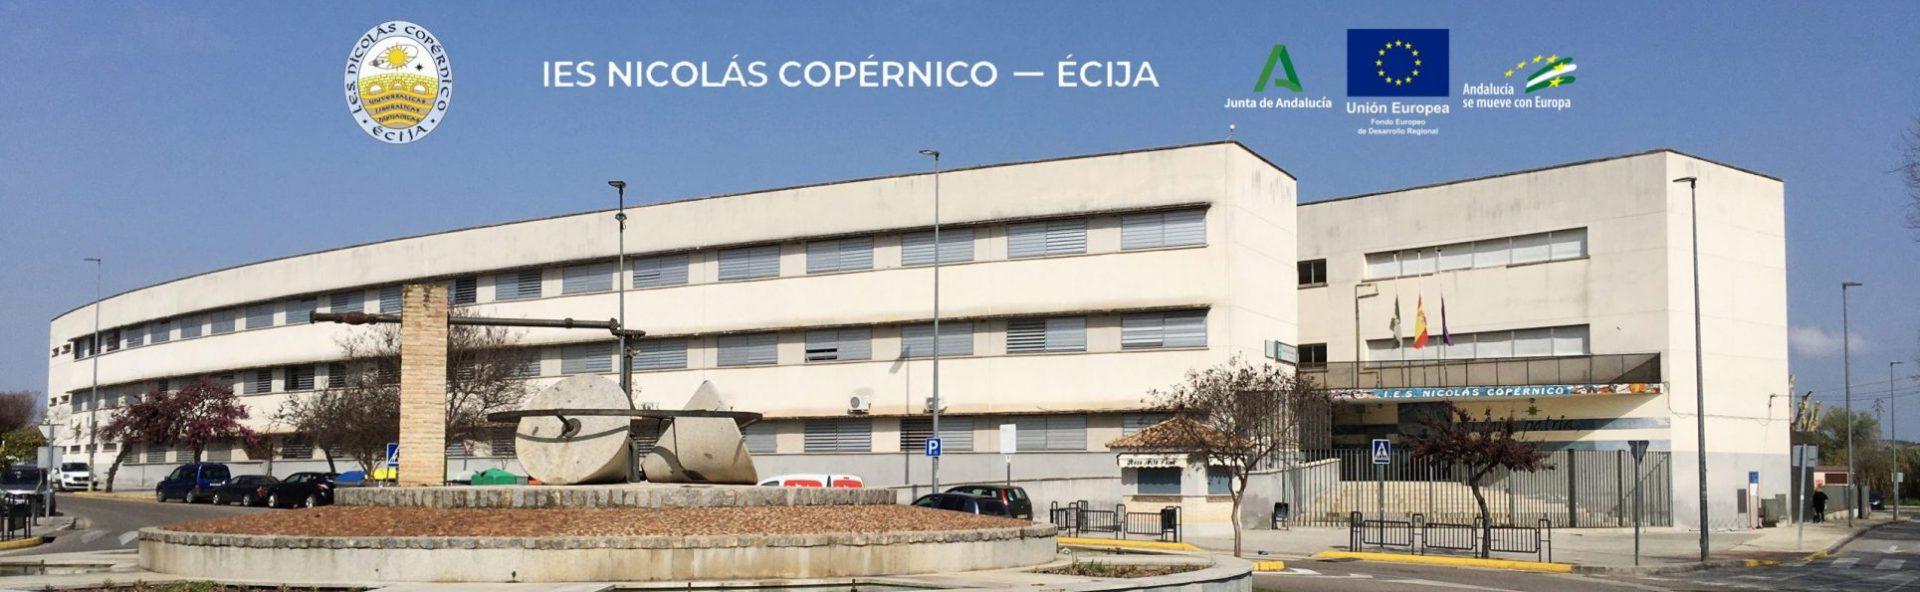 IES Nicolás Copérnico Écija